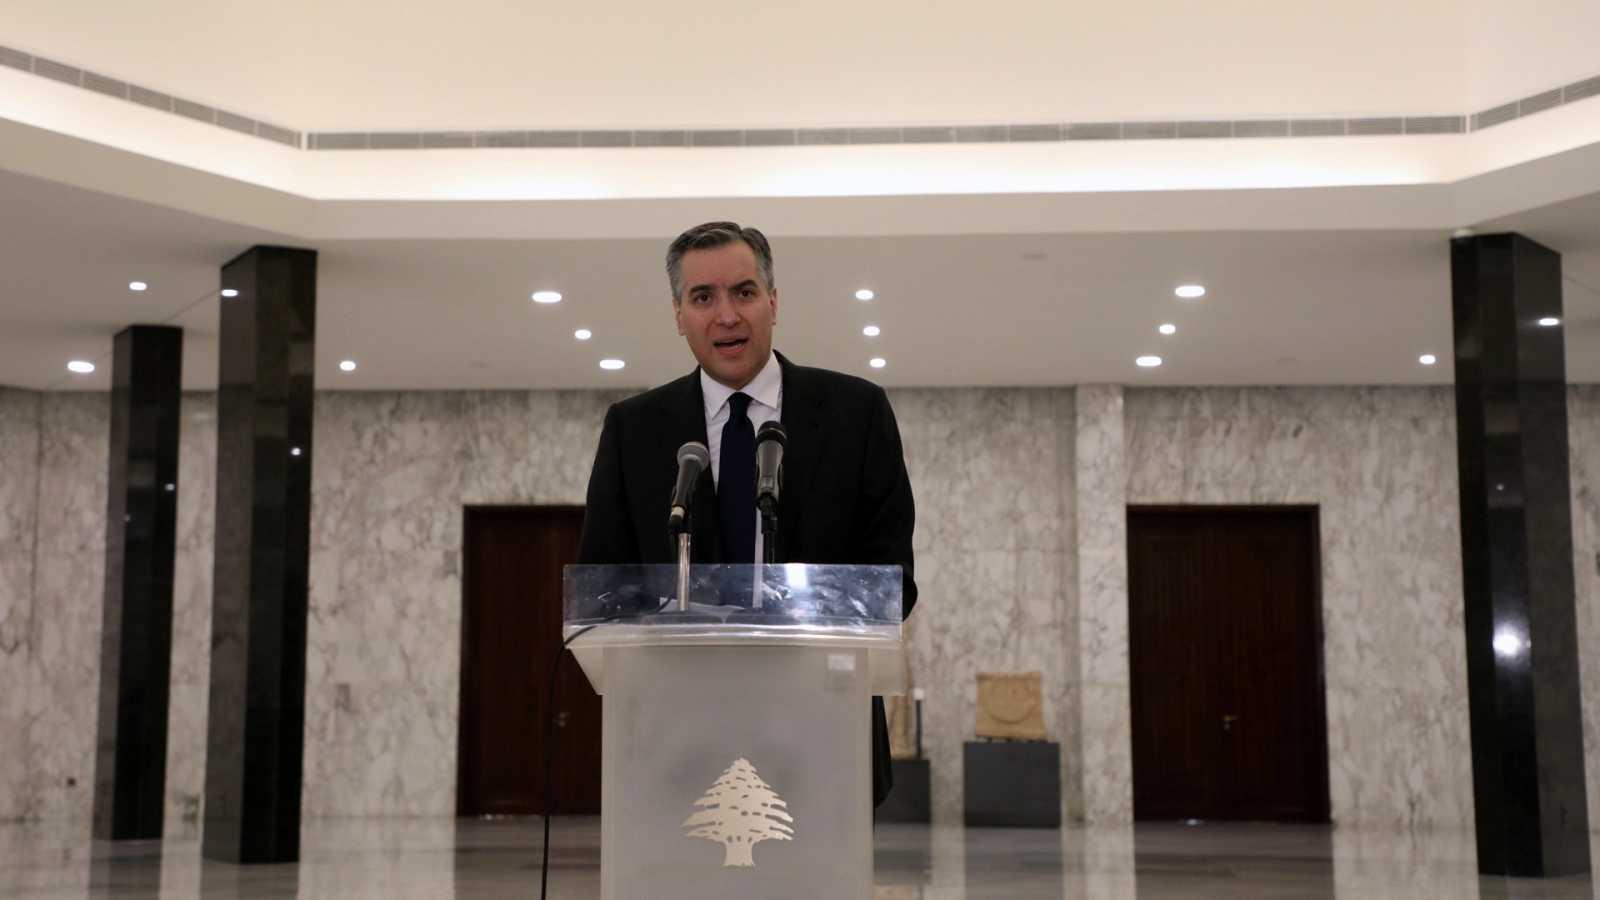 El primer ministro designado del Líbano, Mustafá Adib, comunica su renuncia